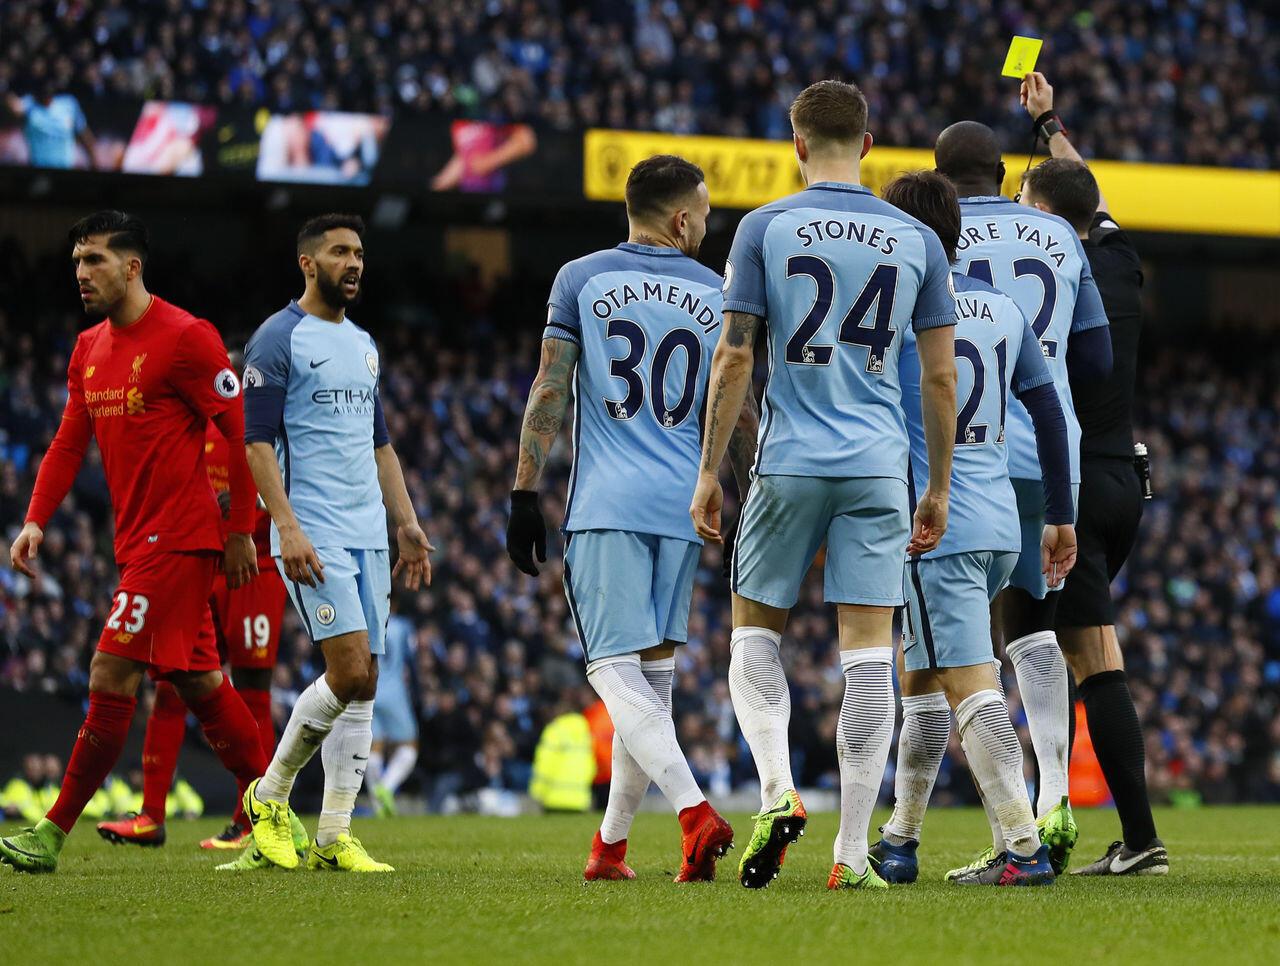 Manchester City ta sha kashi a hannun Liverpool da ci 3-0 a zagayen farko na matakin wasan dab da na kusan karshe a gasar zakarun Turai